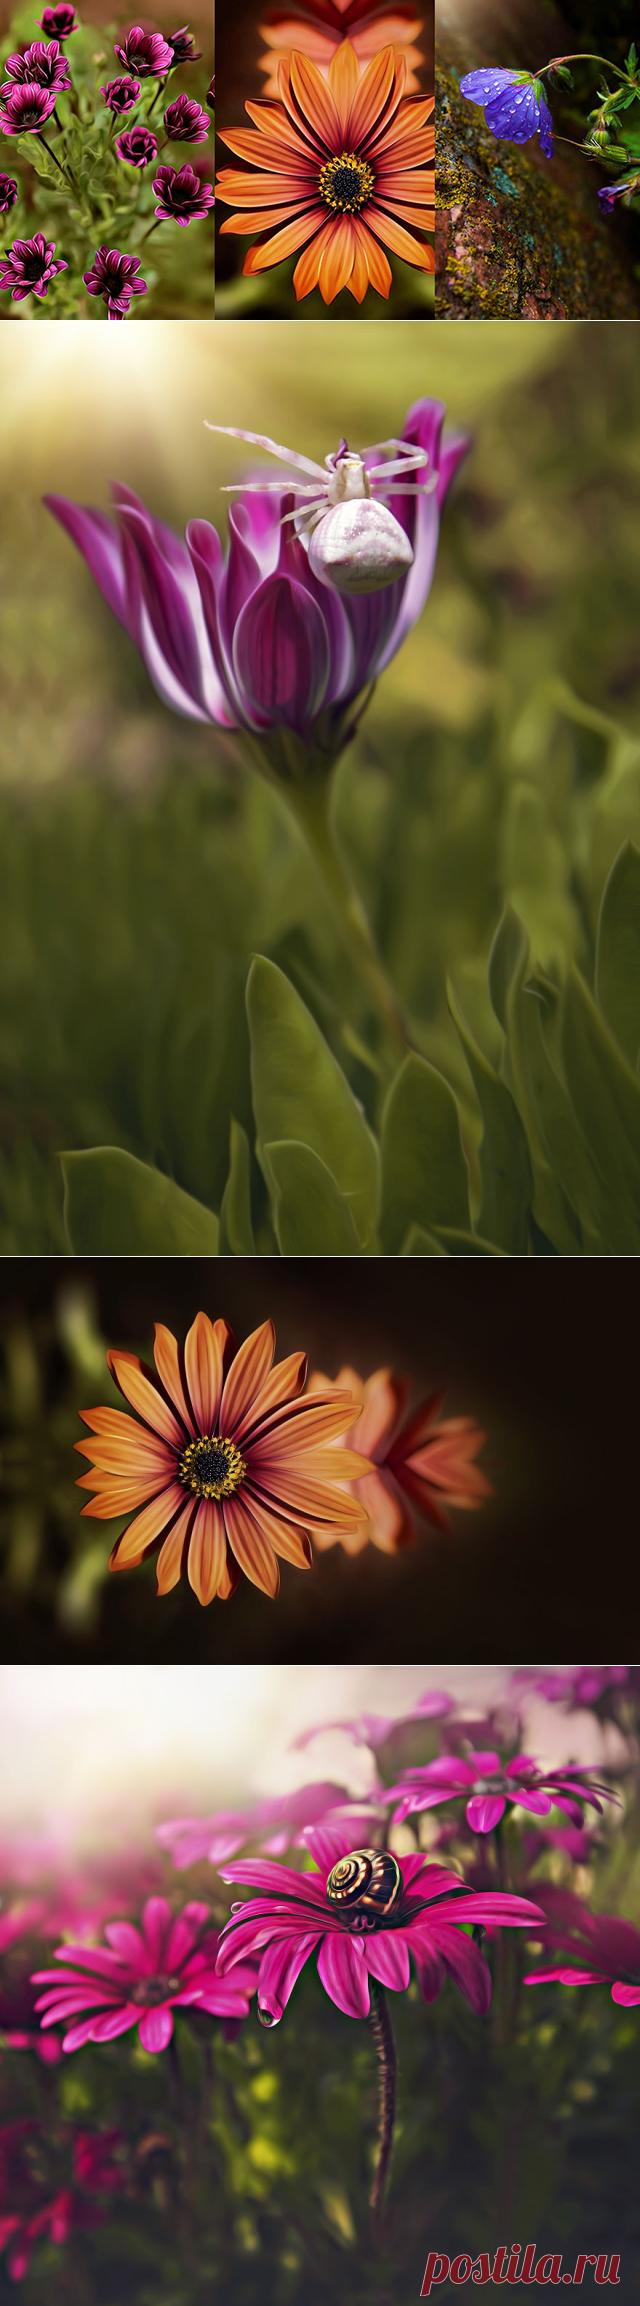 Красота цветов в макрофотографии. Красивые фотографии цветов.   Newpix.ru - позитивный интернет-журнал